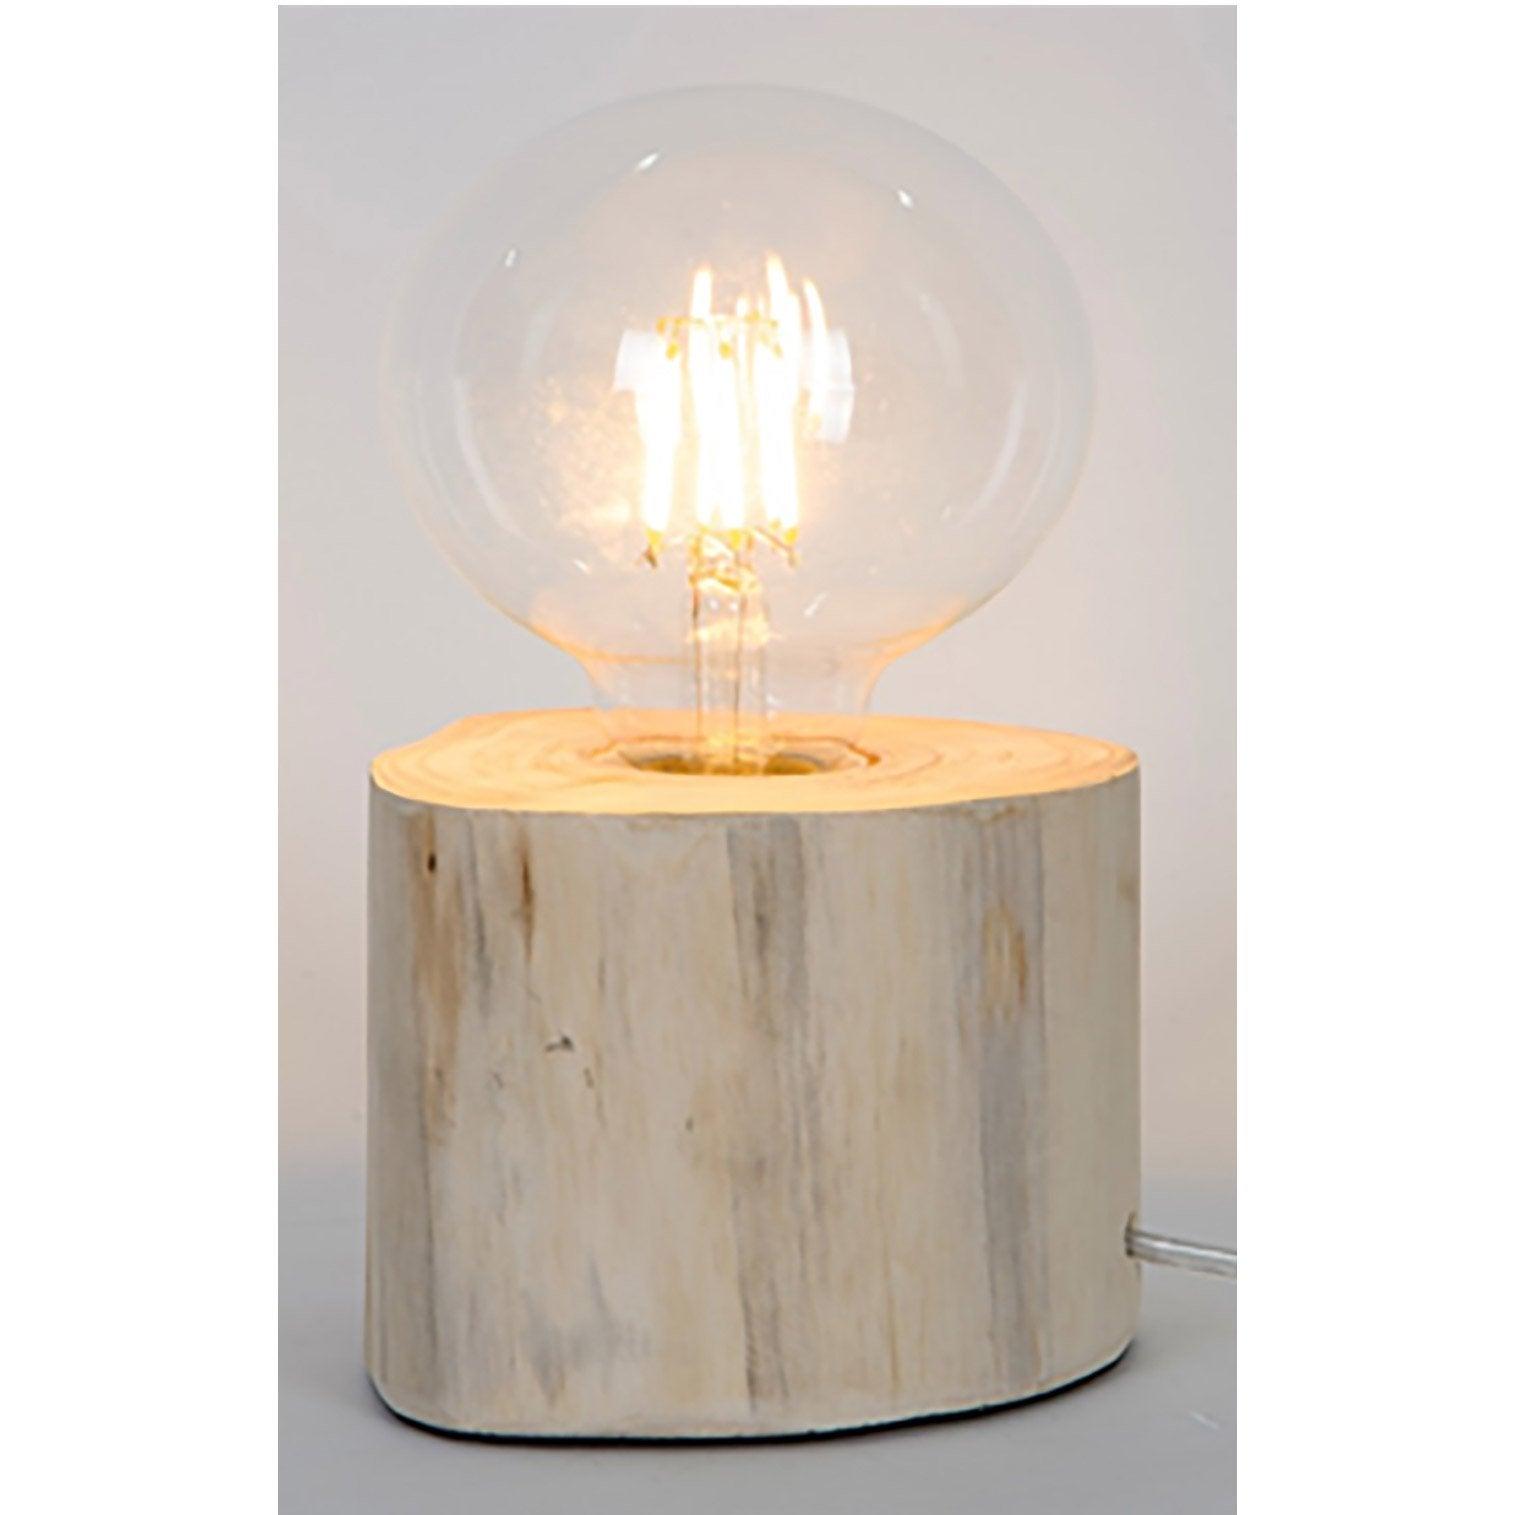 Lampe charme romantique bois, SAMPA HELIOS Pam